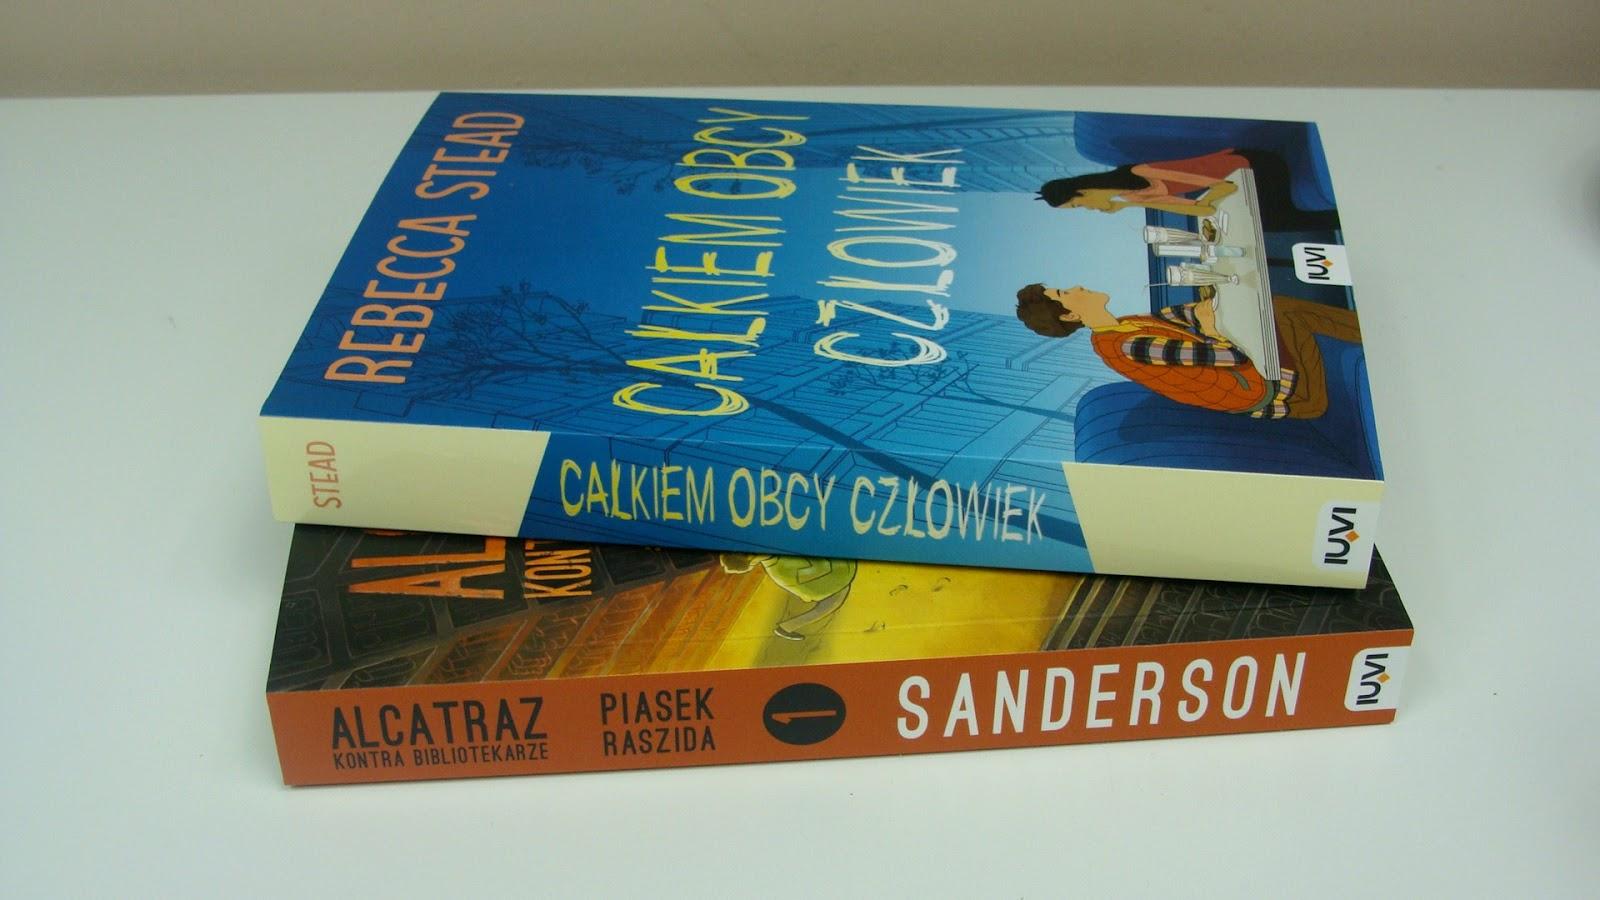 Masz w domu nastolatka? Oto dwie książki, które z chęcią przeczyta, całkiem obcy człowiek, alcatraz kontra bibliotekarze